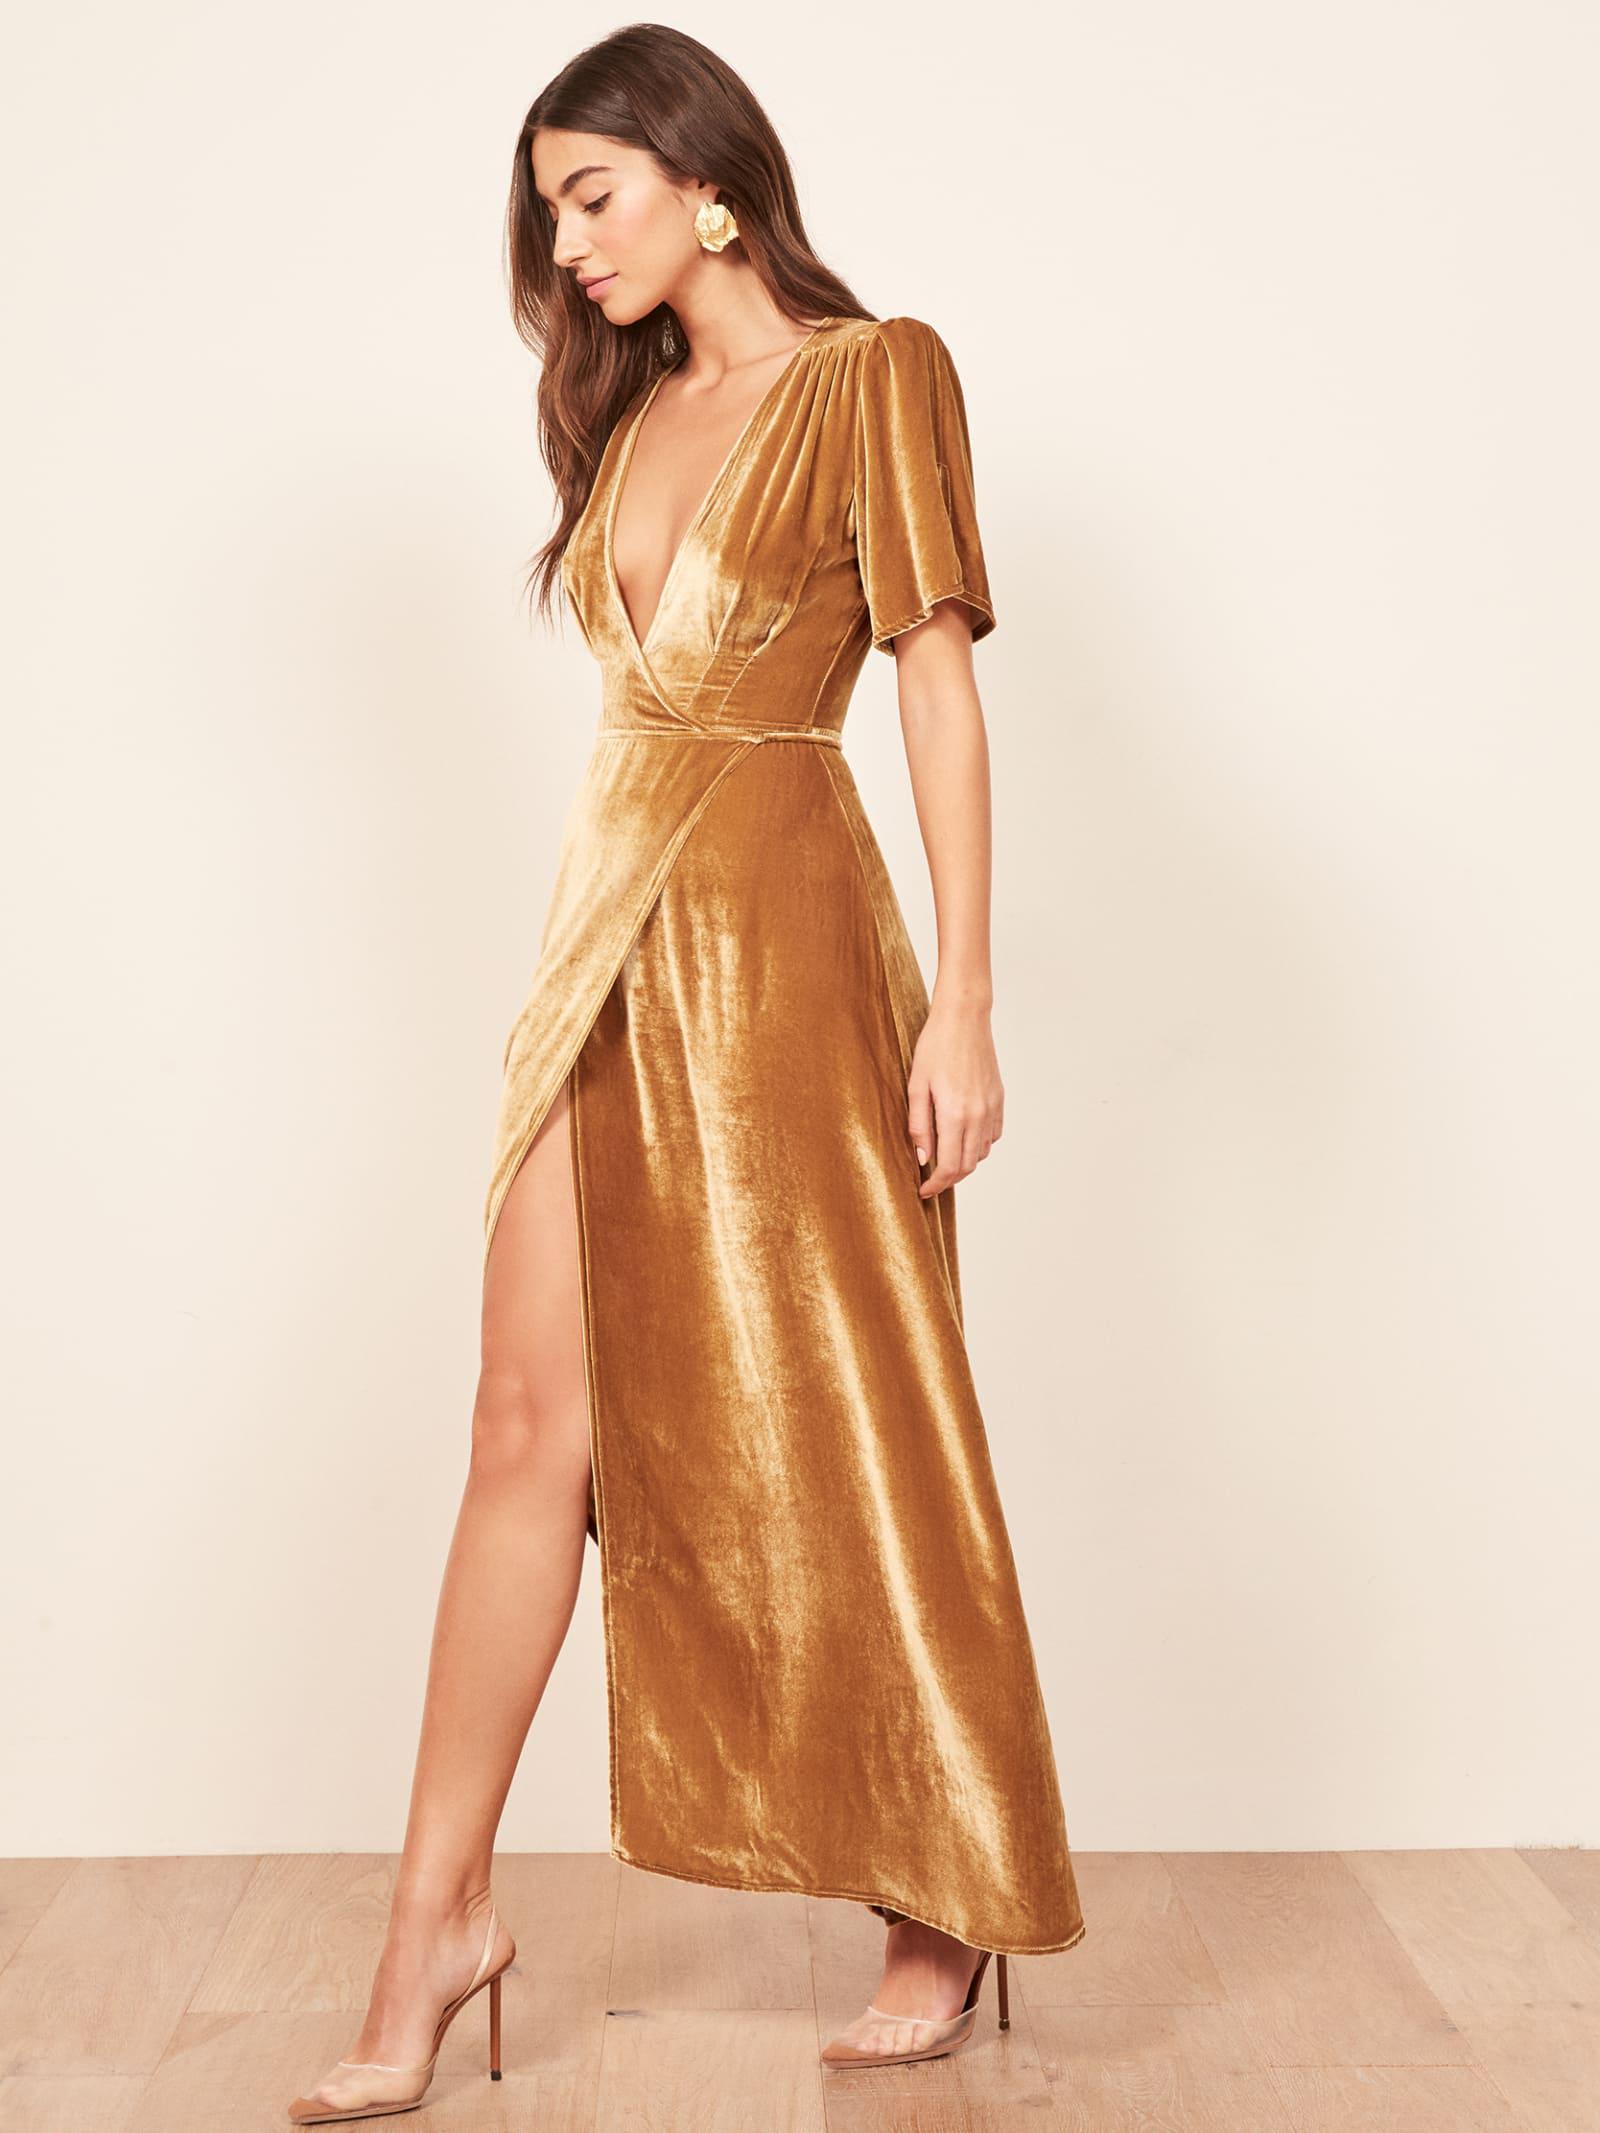 84932e4fca74 Reformation Tiffany Dress in Metallic - Lyst